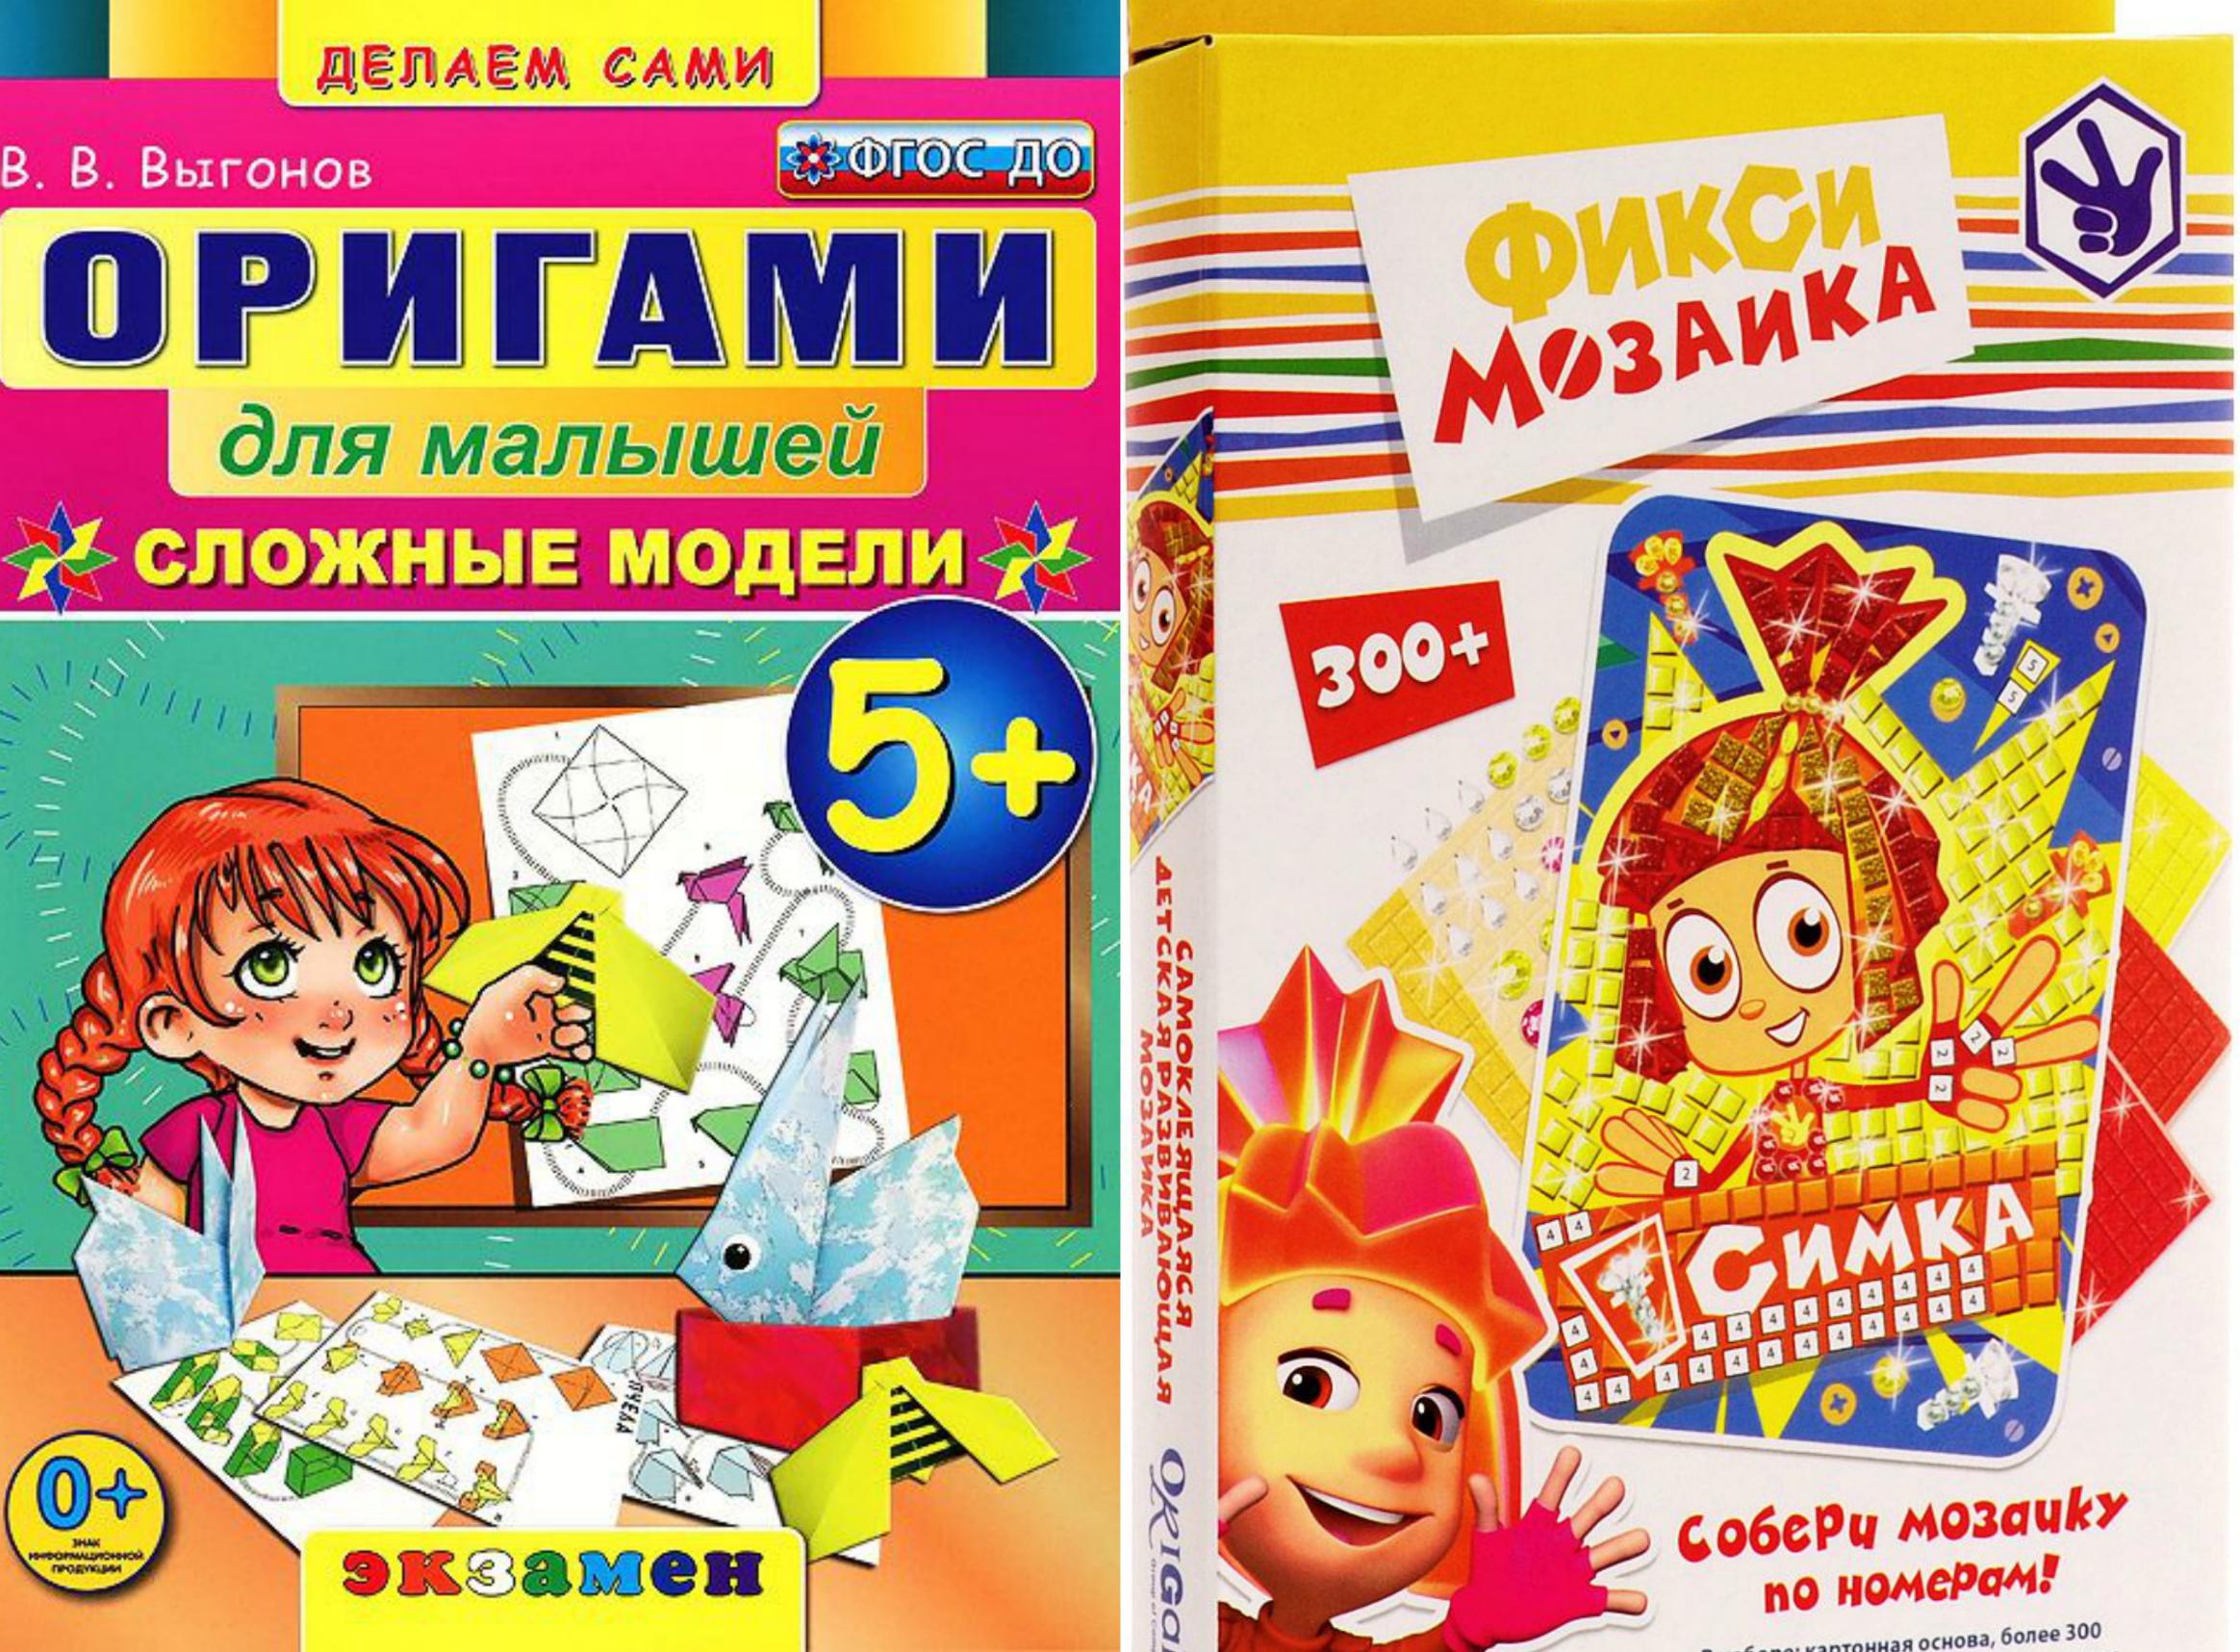 развивающие игры и книги для детей от 5 лет